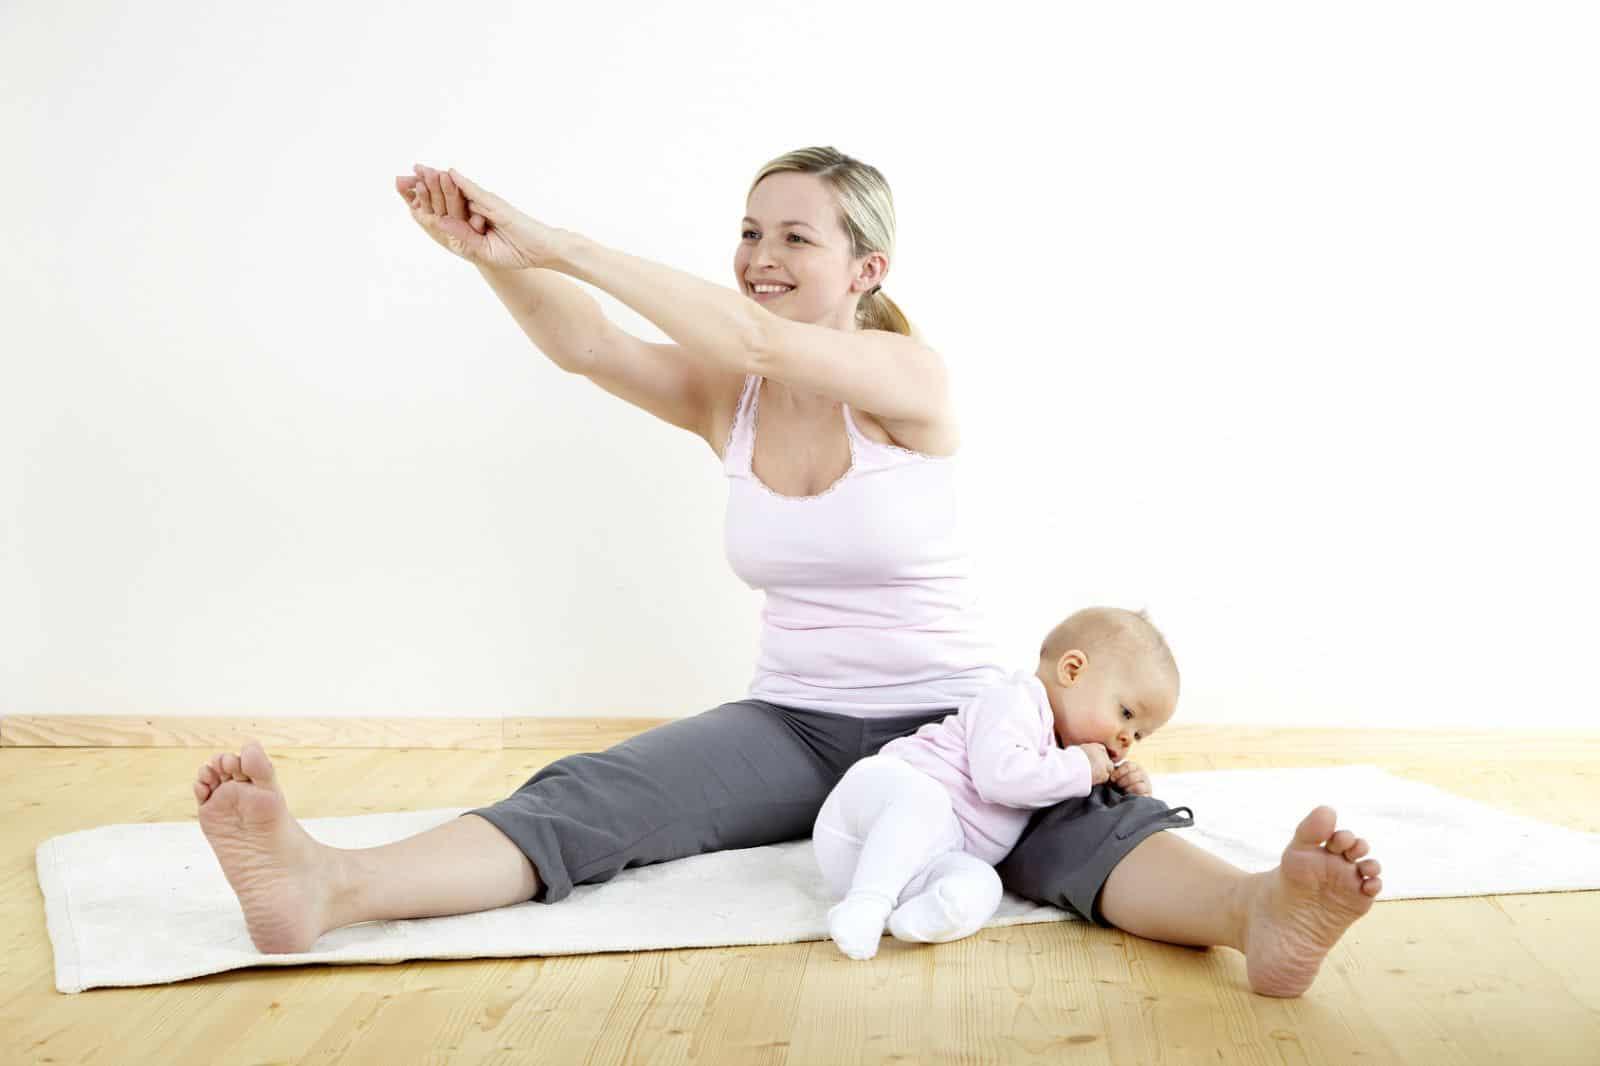 Как похудеть после родов: диета, кормление грудью, физическая нагрузка, запреты. советы диетолога риммы мойсенко